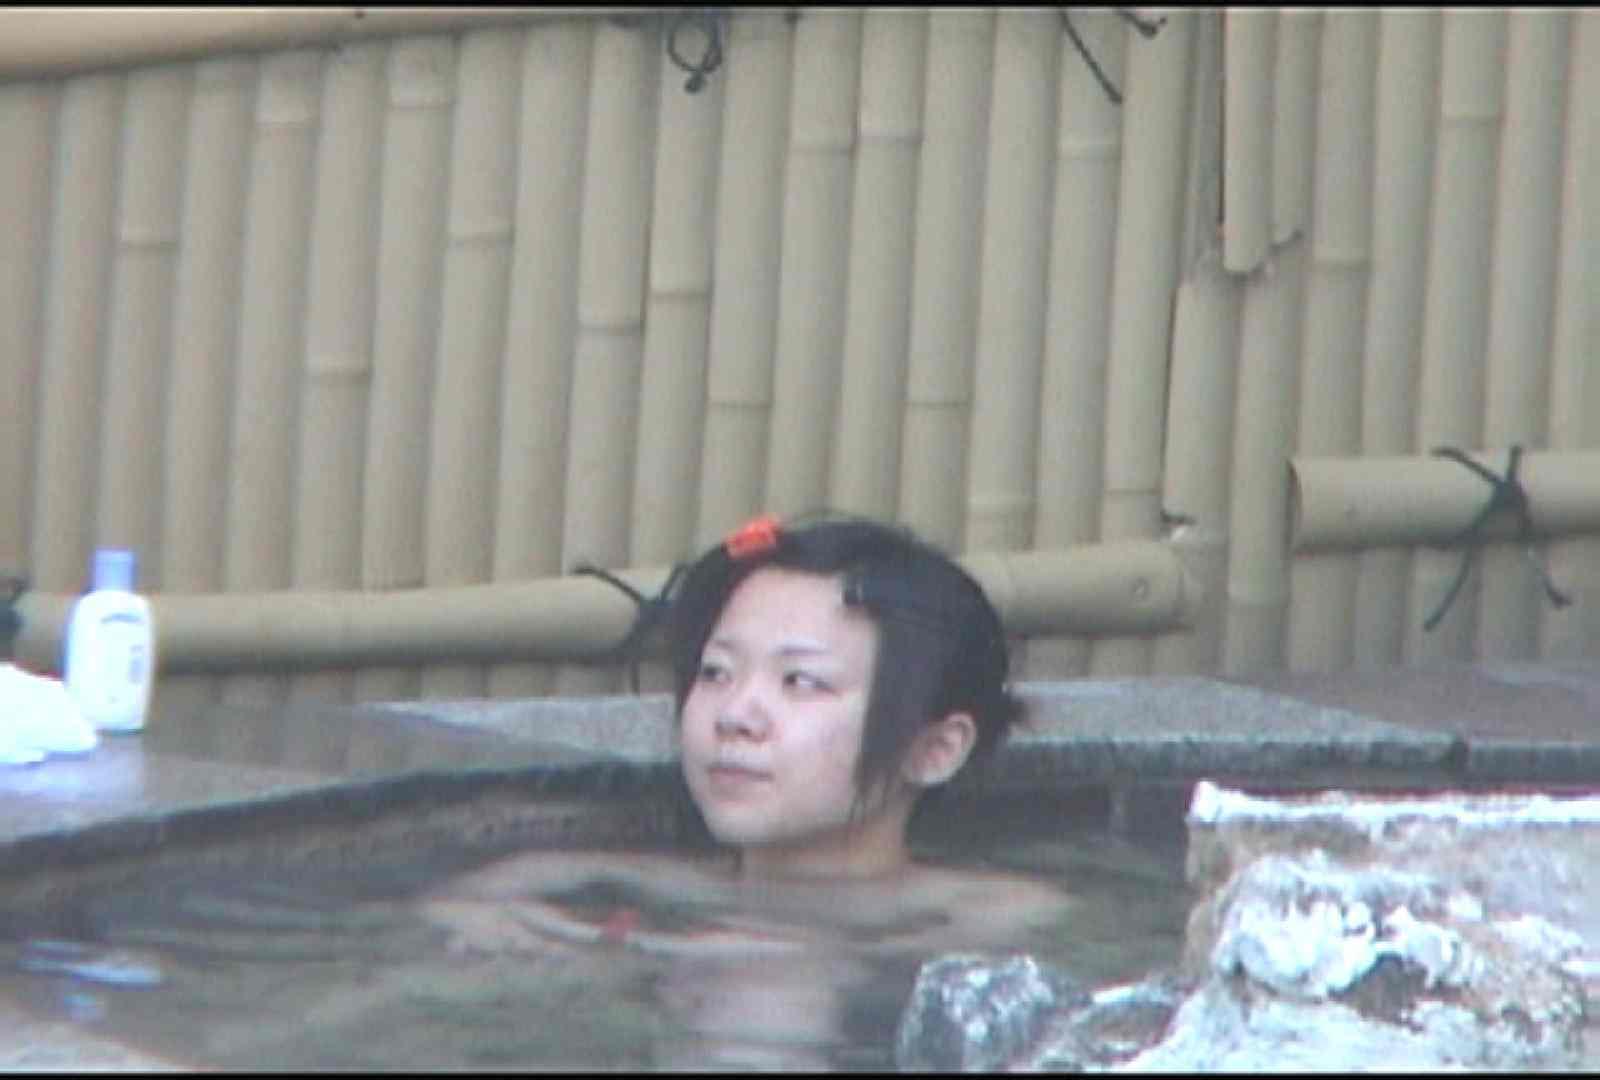 Aquaな露天風呂Vol.175 0   0  51pic 3